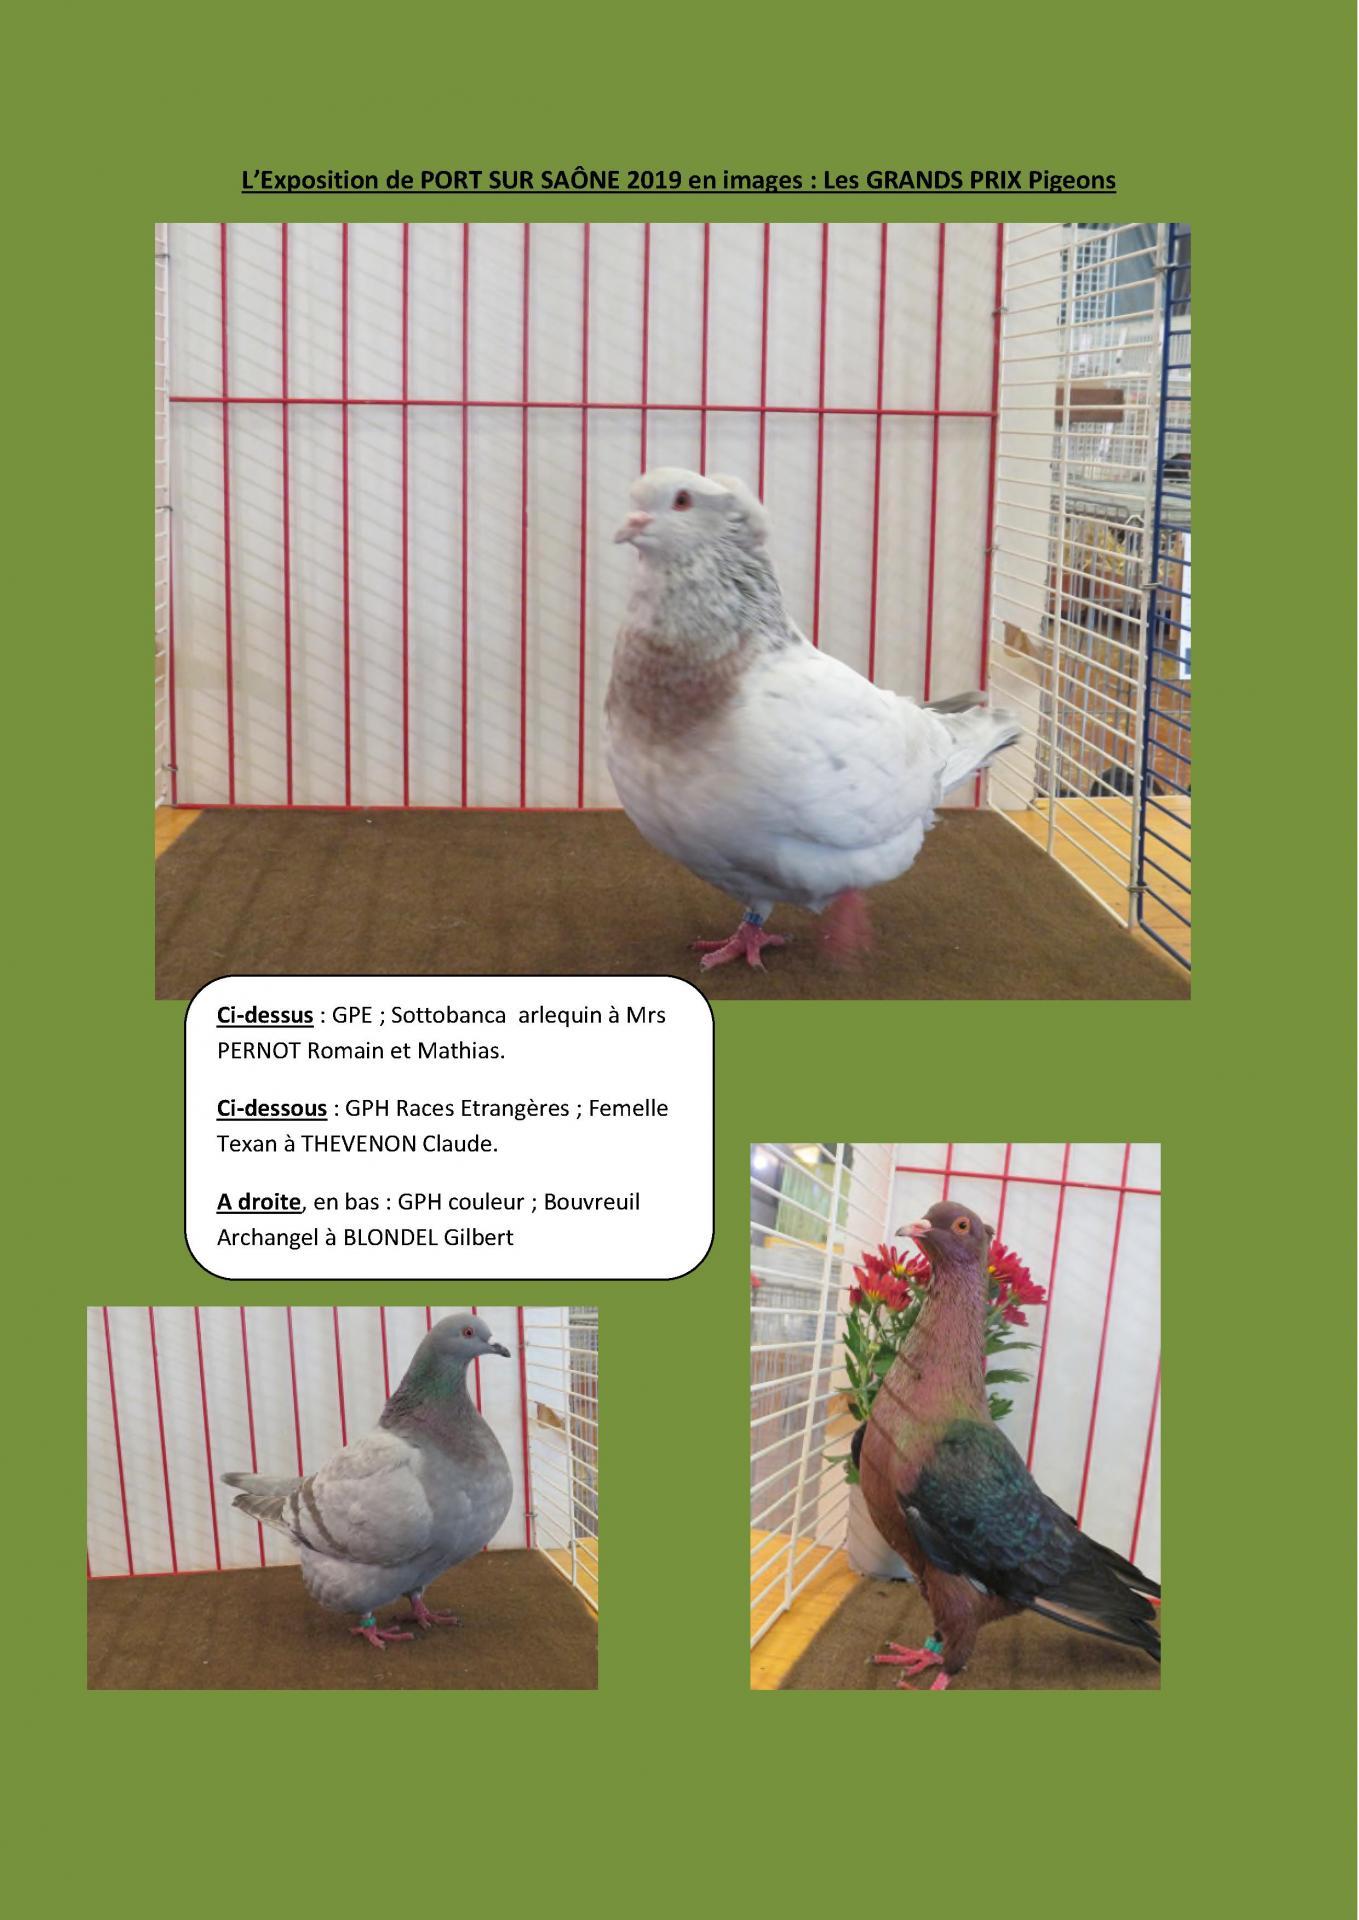 Port sur saone 2019 en images les grands prix pigeons 1